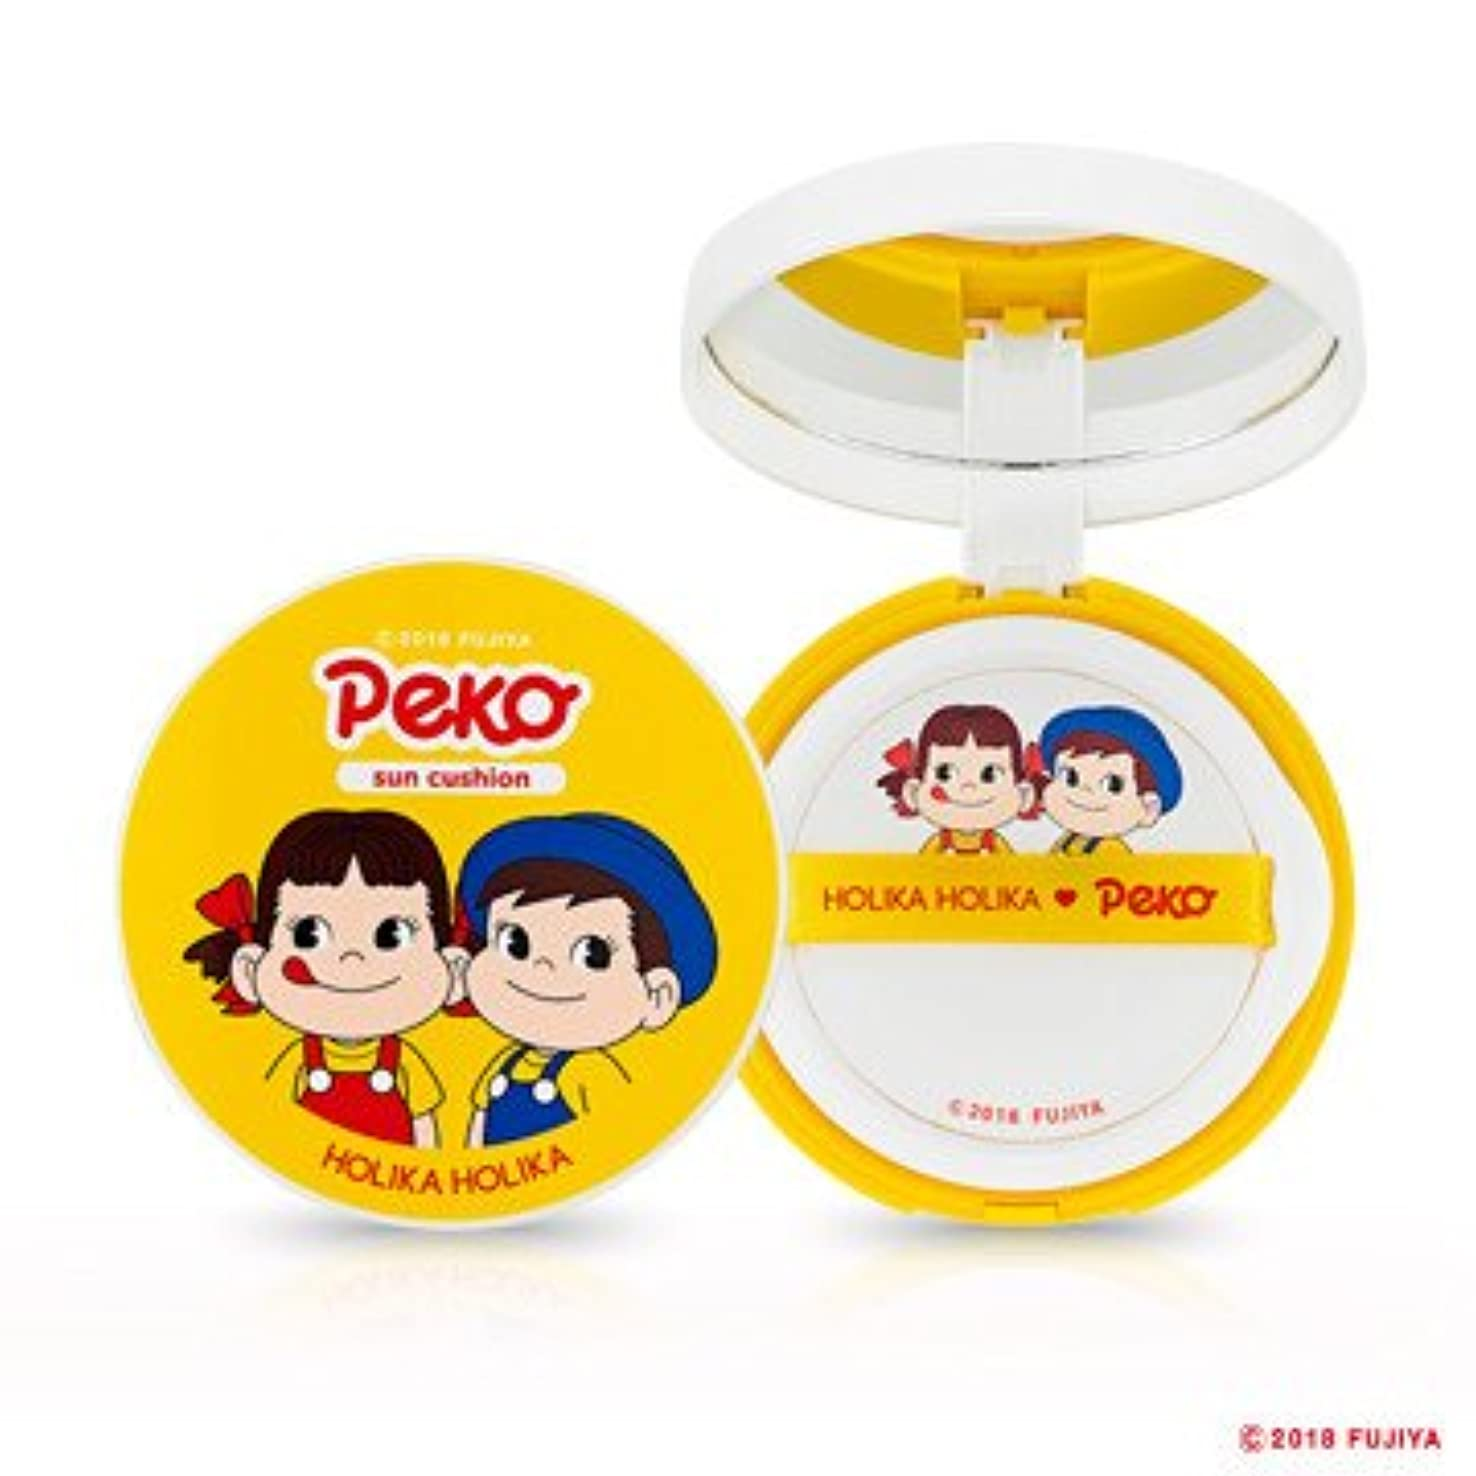 崩壊化粧間違いHolika Holika [Sweet Peko Edition] Mild Sun Cushion SPF45 PA+++ / ホリカホリカ [スイートペコエディション] マイルド サンクッション 13g [並行輸入品]